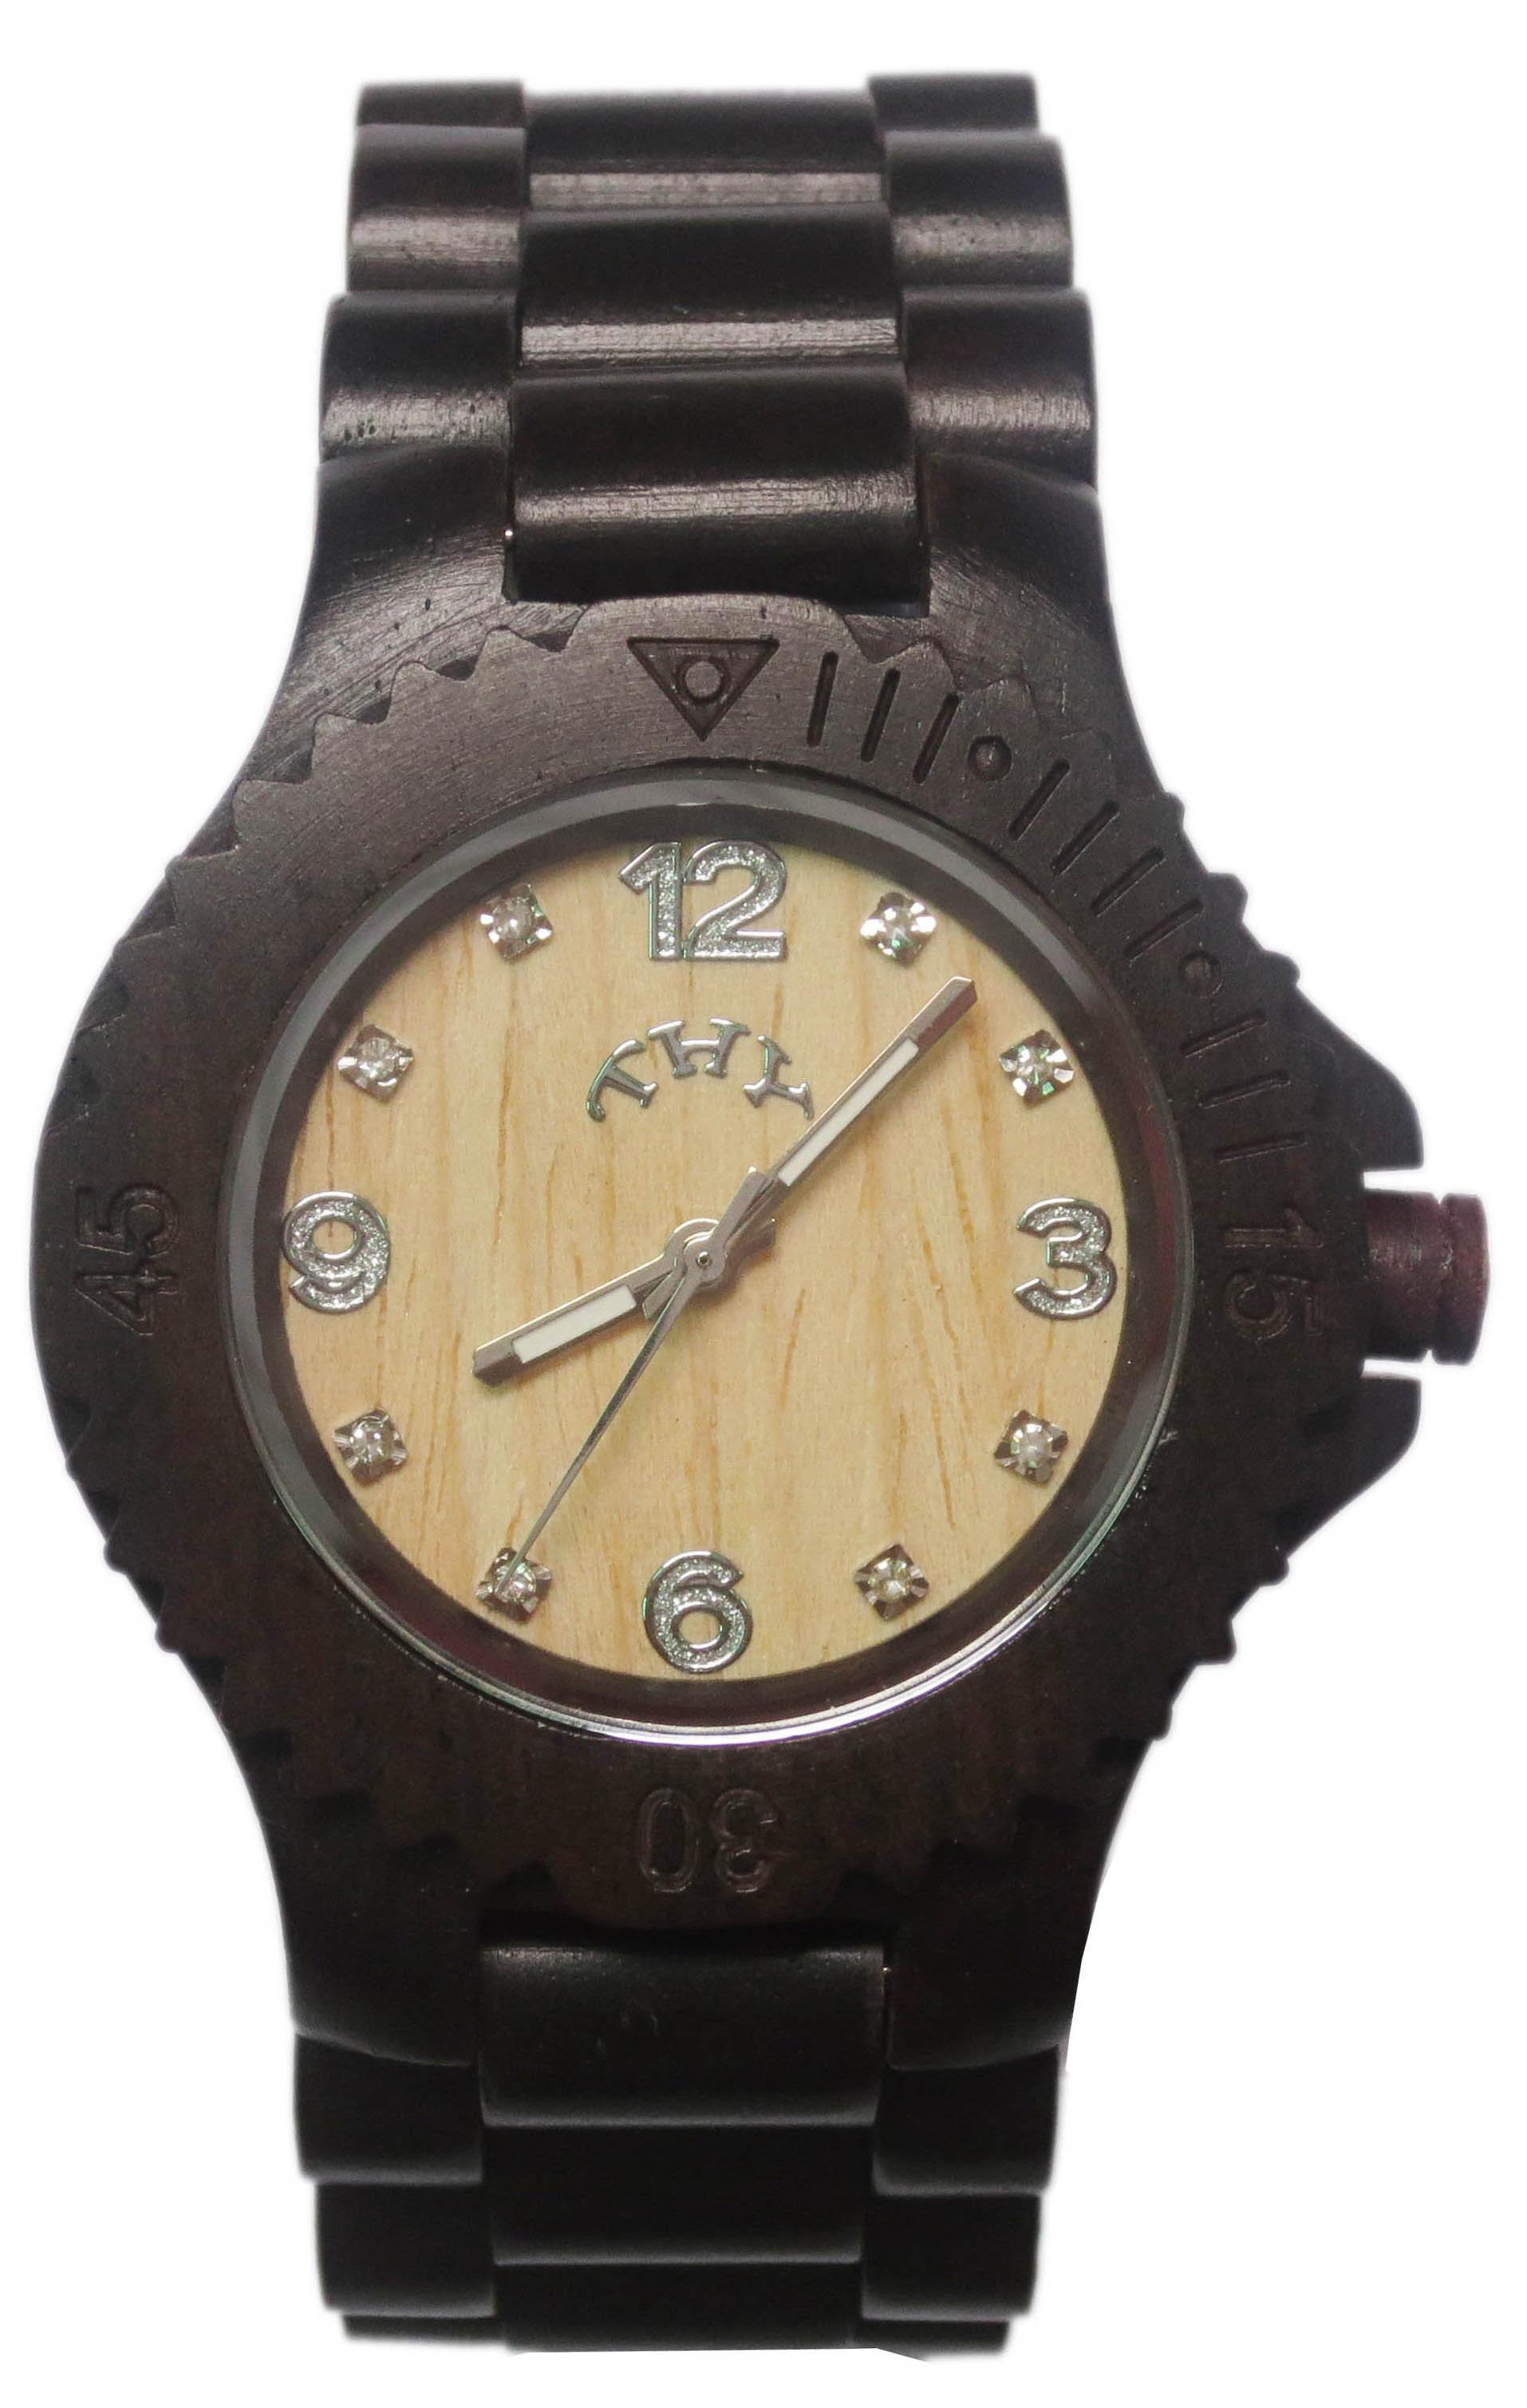 Replique Noir Blanc cadran rond Montres Hommes de bois avec 40 mm Taille W00019